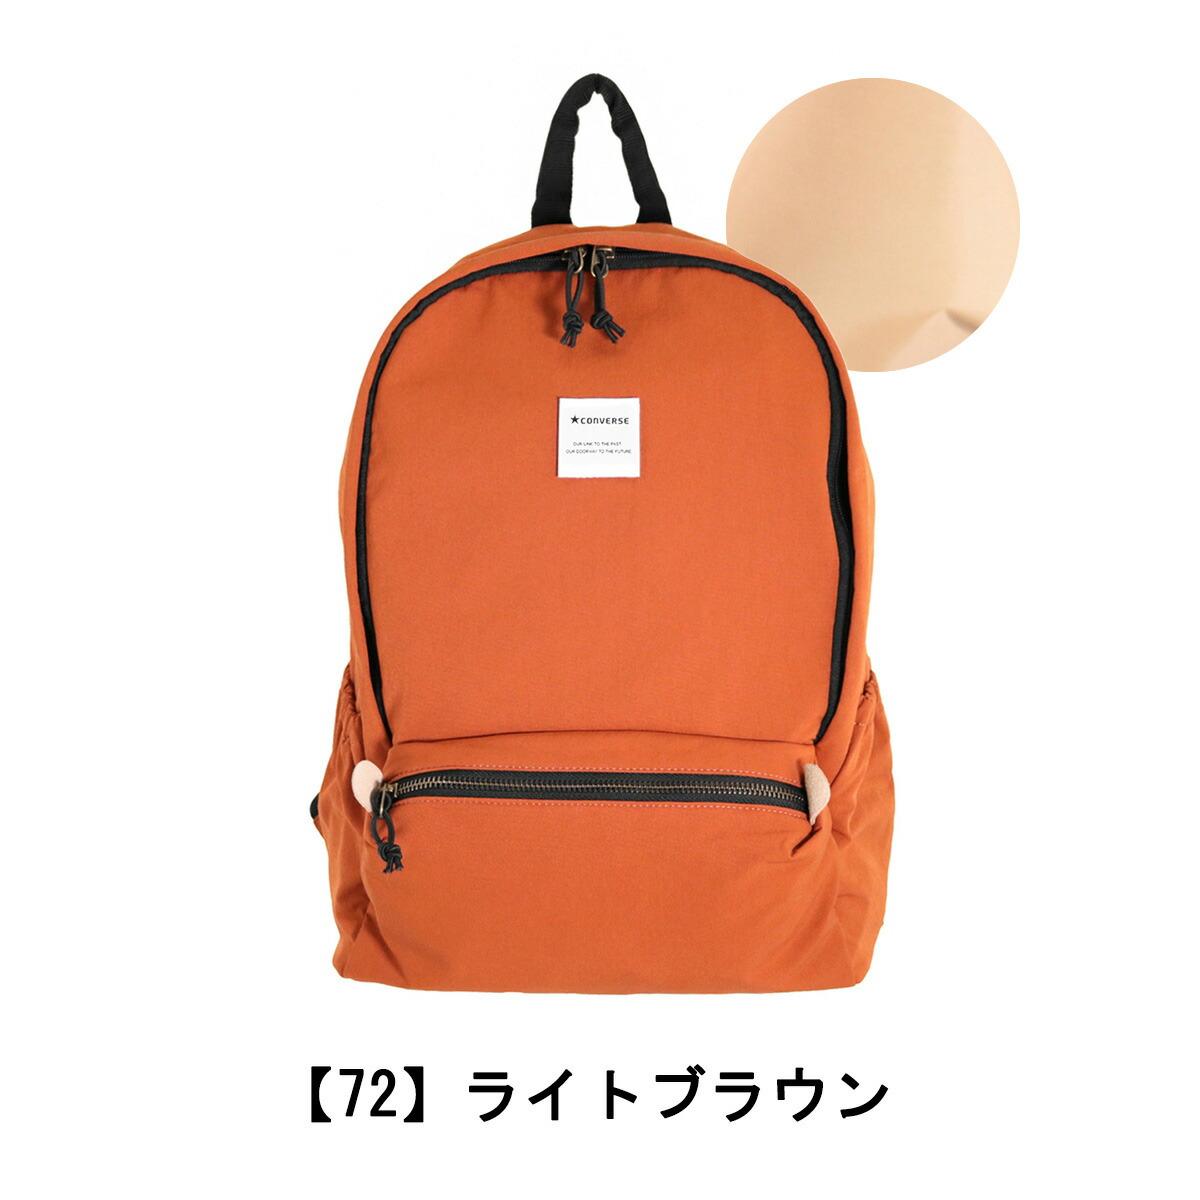 【72】ライトブラウン